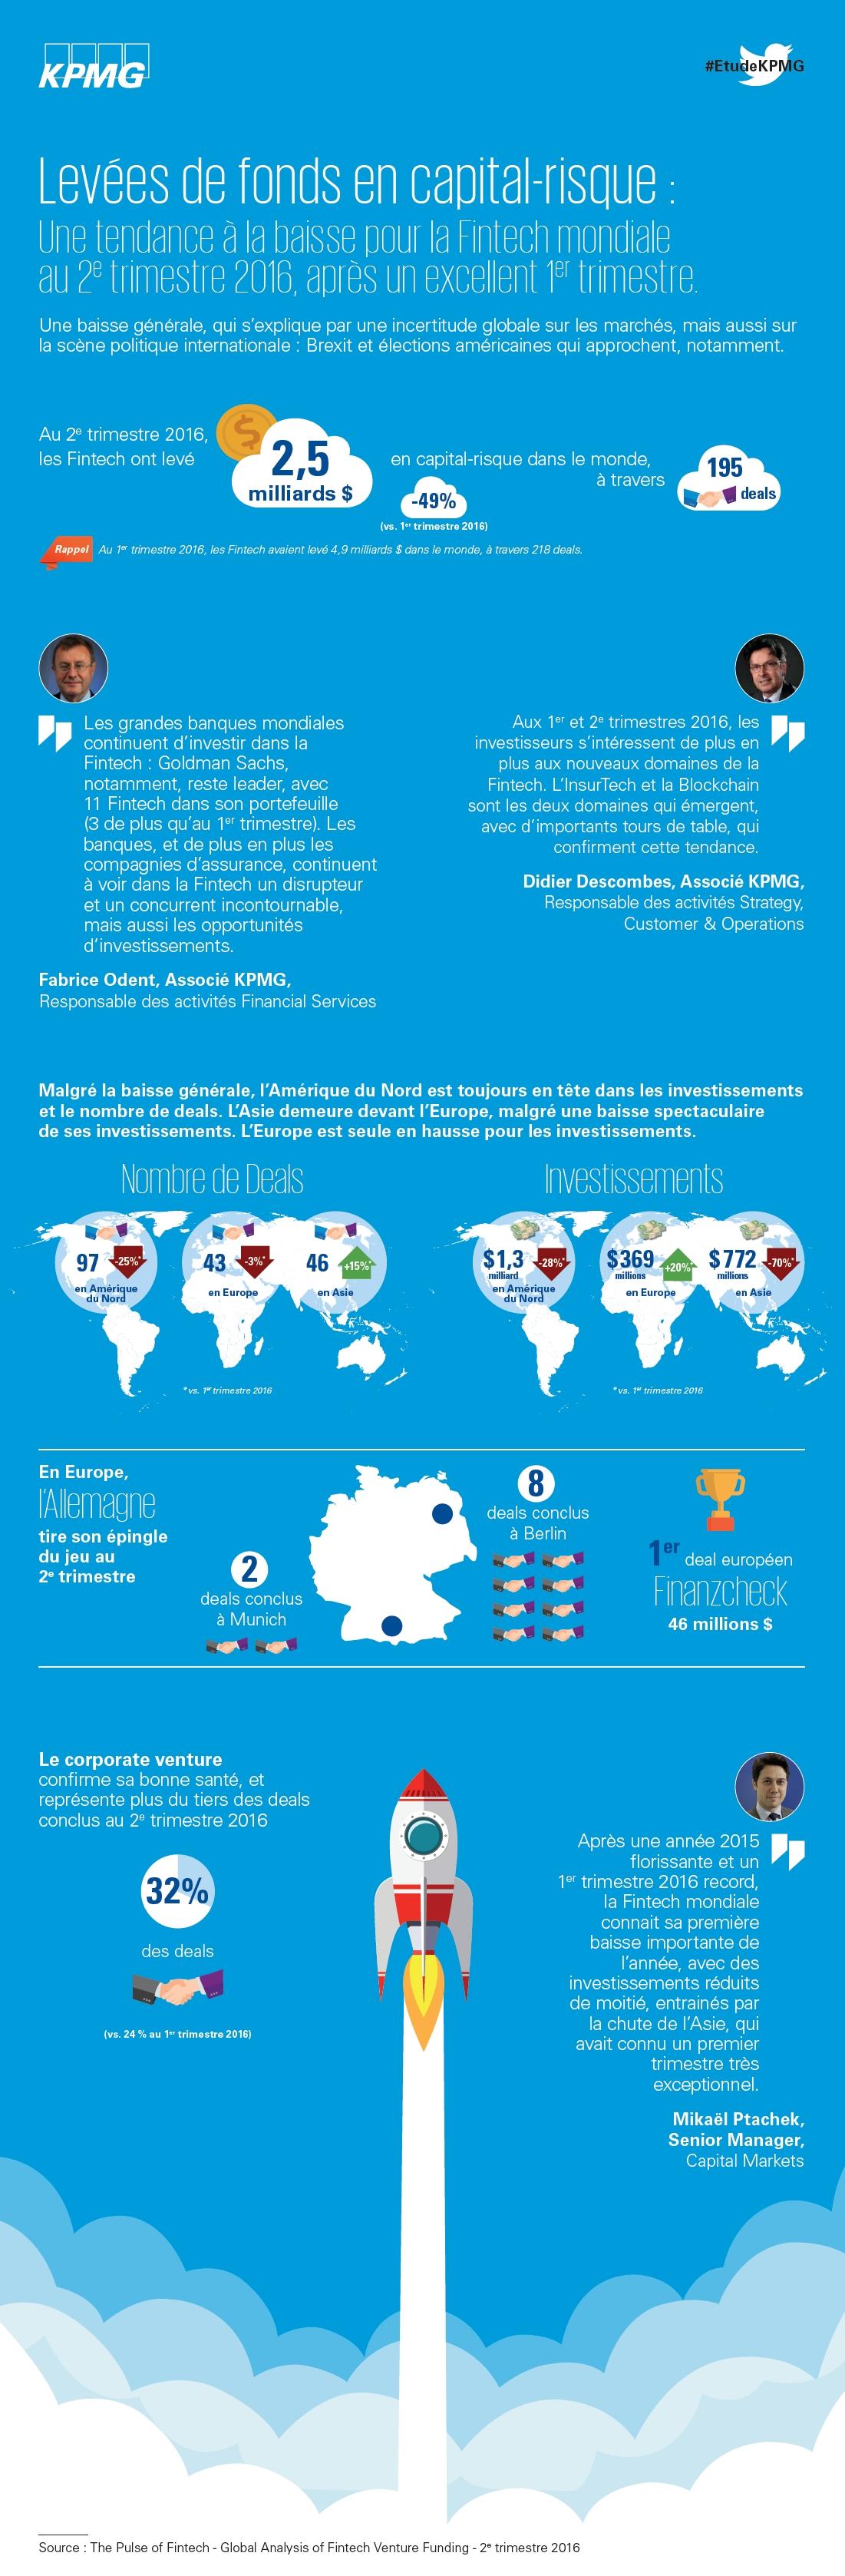 Levées de fonds Fintech en capital-risque dans le monde – 2ème trimestre 2016